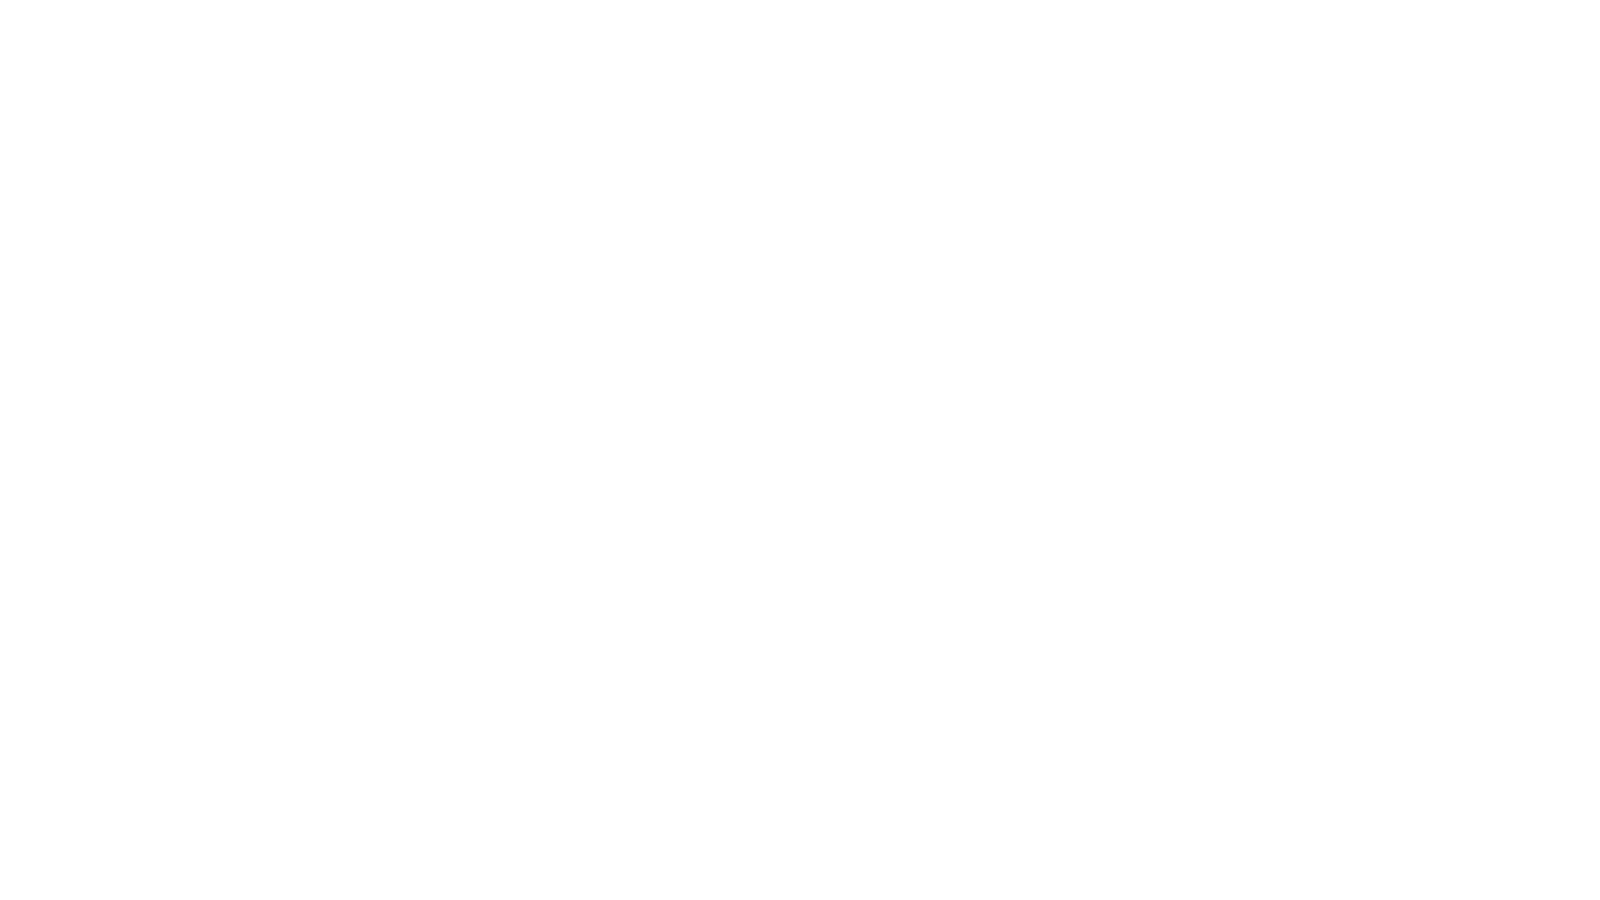 ¡Hola Iglesia! Bienvenidos a este domingo de Hillel en Línea. Hoy Dios quiere hablar a tu vida con un mensaje especial.  Cuando conocemos a Jesús en el caminar diario muchas veces nos dejamos llevar por las opiniones de la gente, que quieren dañar, cambiar o afectar tu identidad en Dios. No permitamos que esas opiniones limiten el encuentro que tuvimos con Jesús, porque muchas personas te conocen por tu pasado y no después de que abriste tus ojos en Él.  Porque nuestra vida pasada ya fue crucificada con Él en la cruz y fue por ese sacrificio y por su gracia que podemos dar gloria a Dios. Así que no te dejes limitar por lo que los demás dicen que eres o por lo que quieran opinar, pues Jesús te ha dado una nueva identidad en Él y te ha hecho una nueva criatura. ¡Dios te bendiga iglesia!